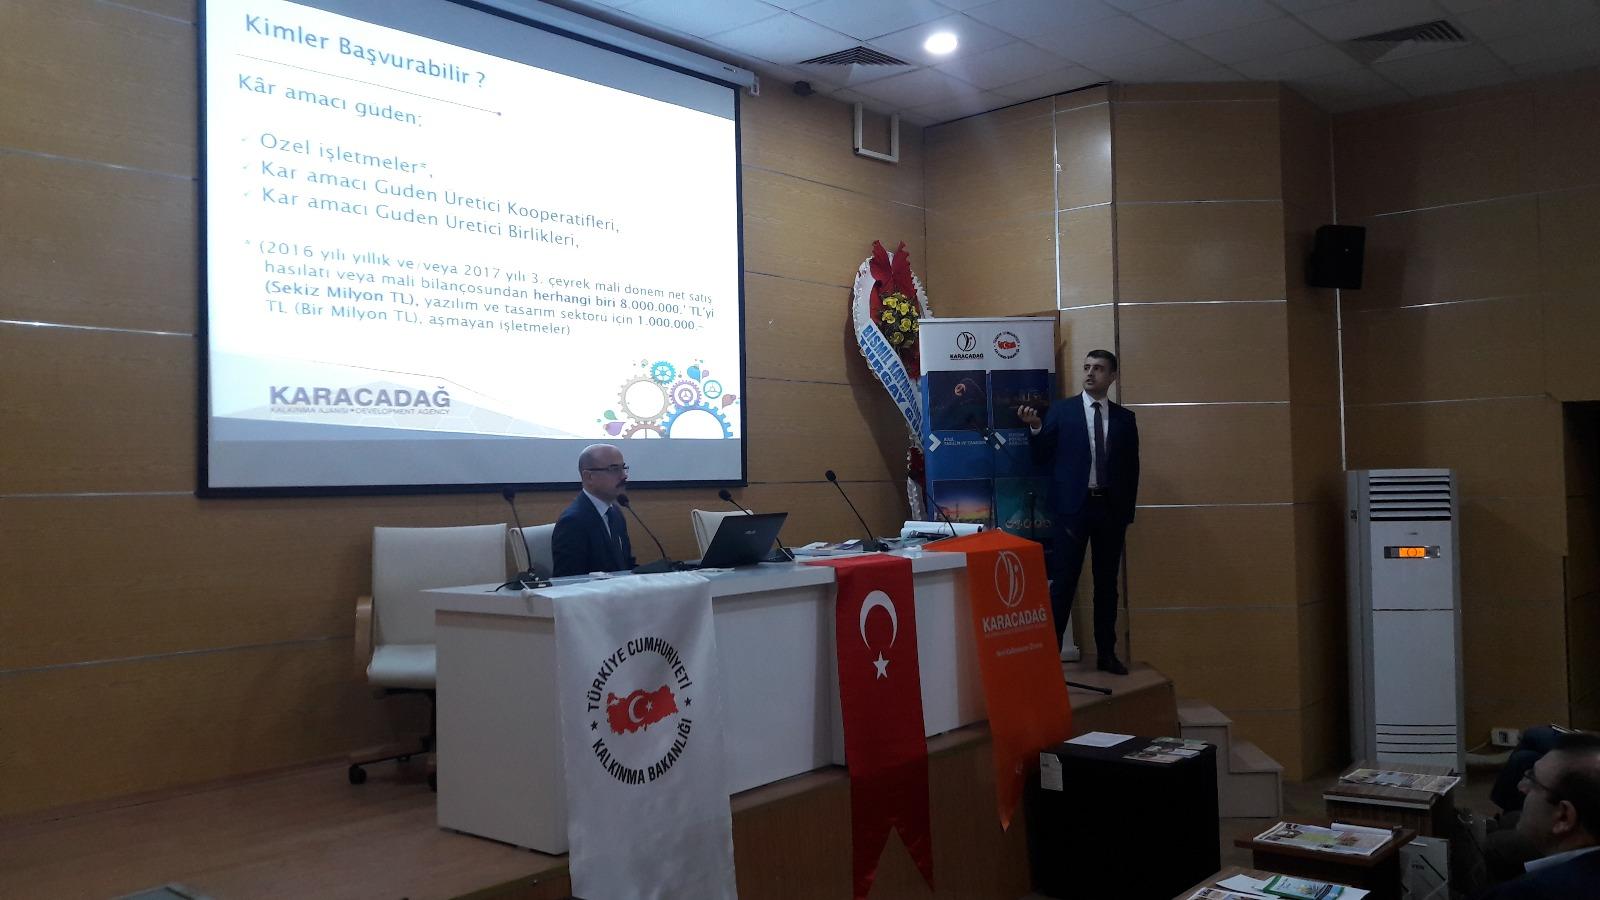 Karacadağ Kalkınma Ajansı Bismil'de Seminer Düzenledi